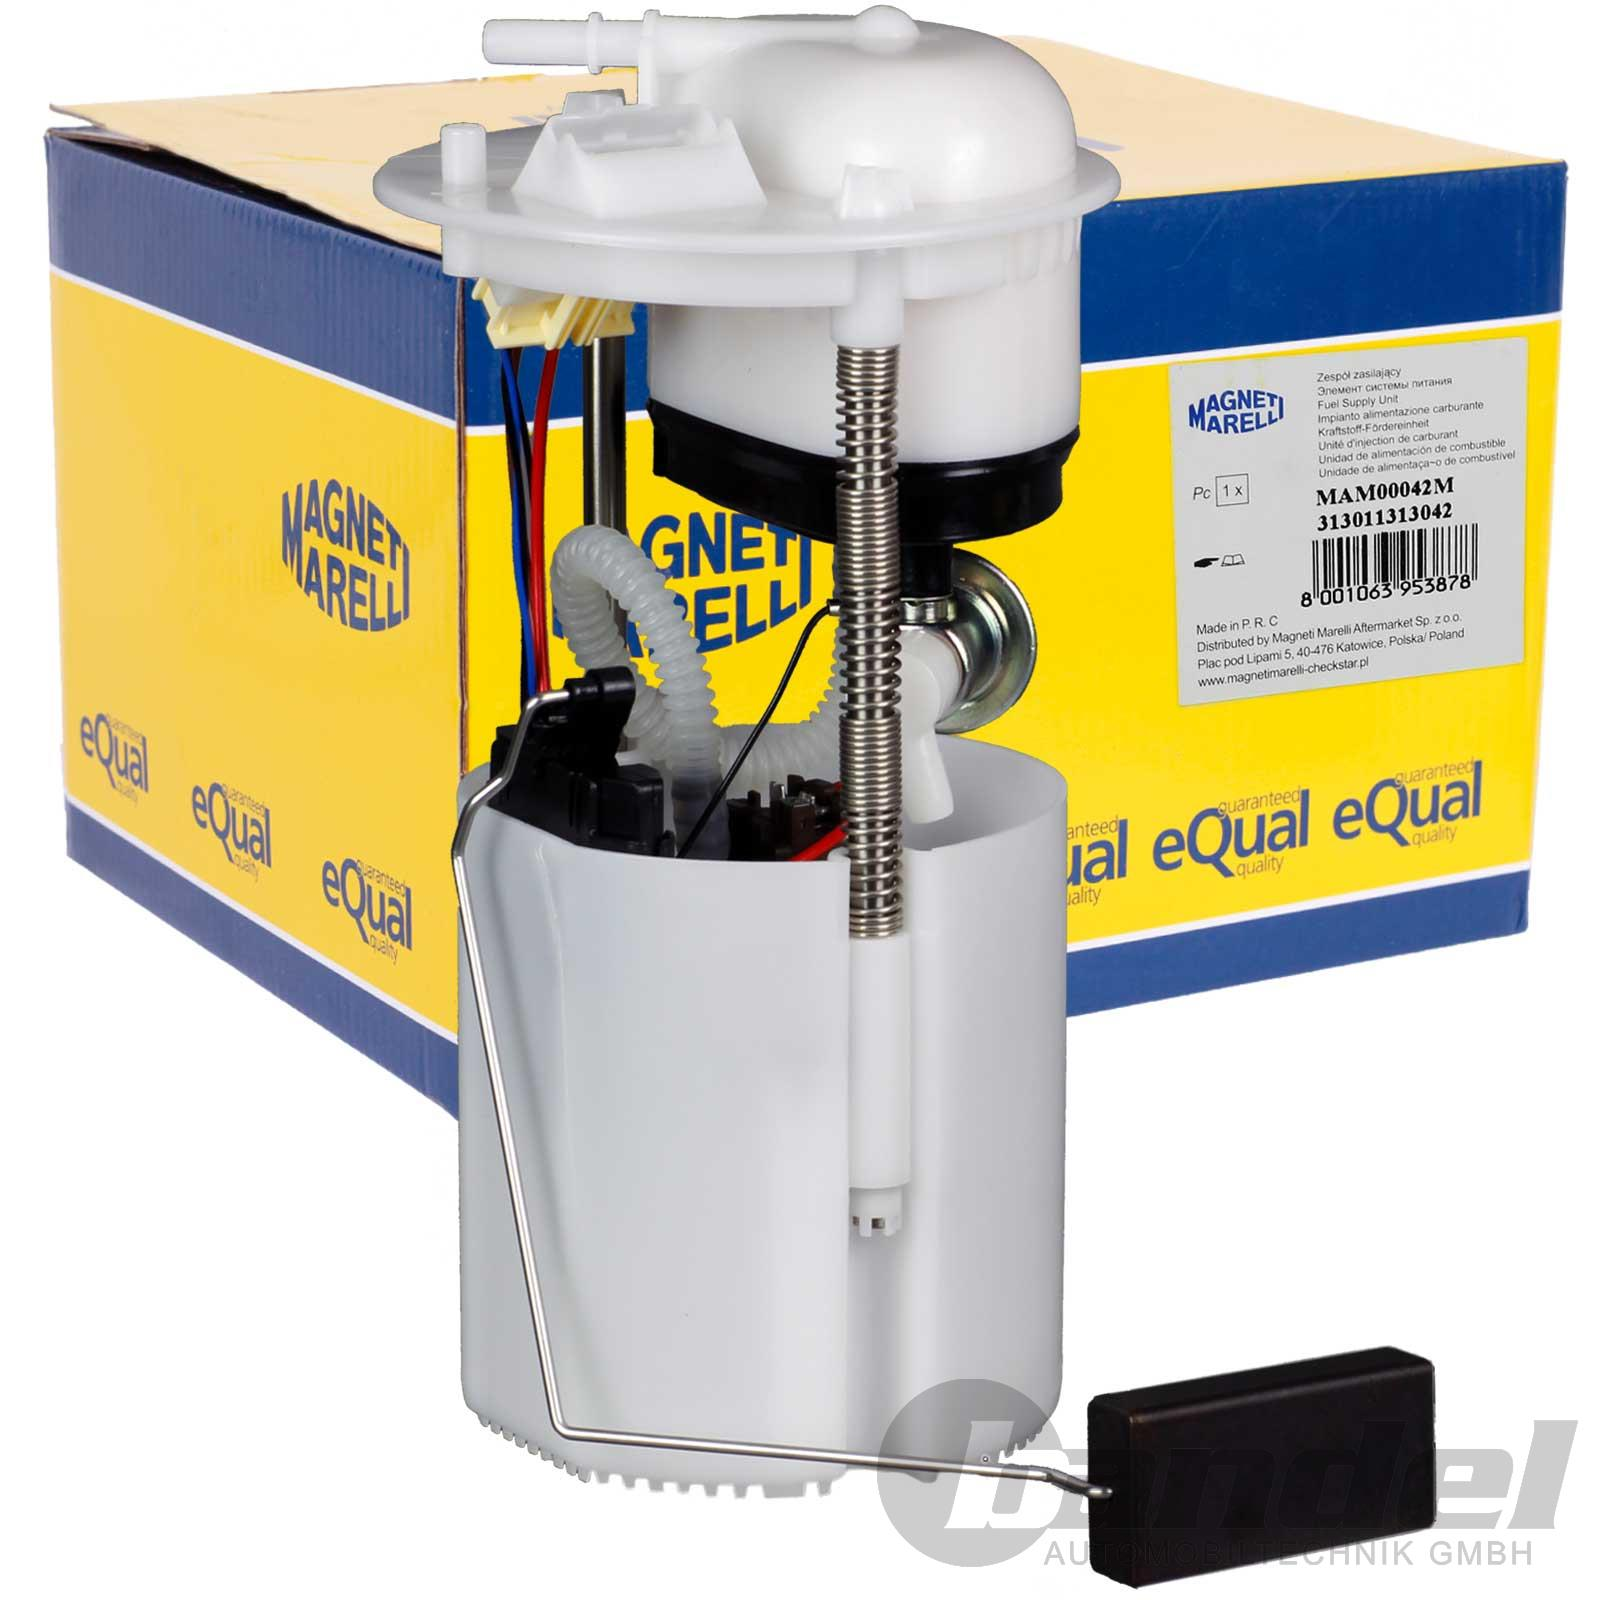 magneti marelli kraftstoffpumpe mit tankgeber fiat 500. Black Bedroom Furniture Sets. Home Design Ideas